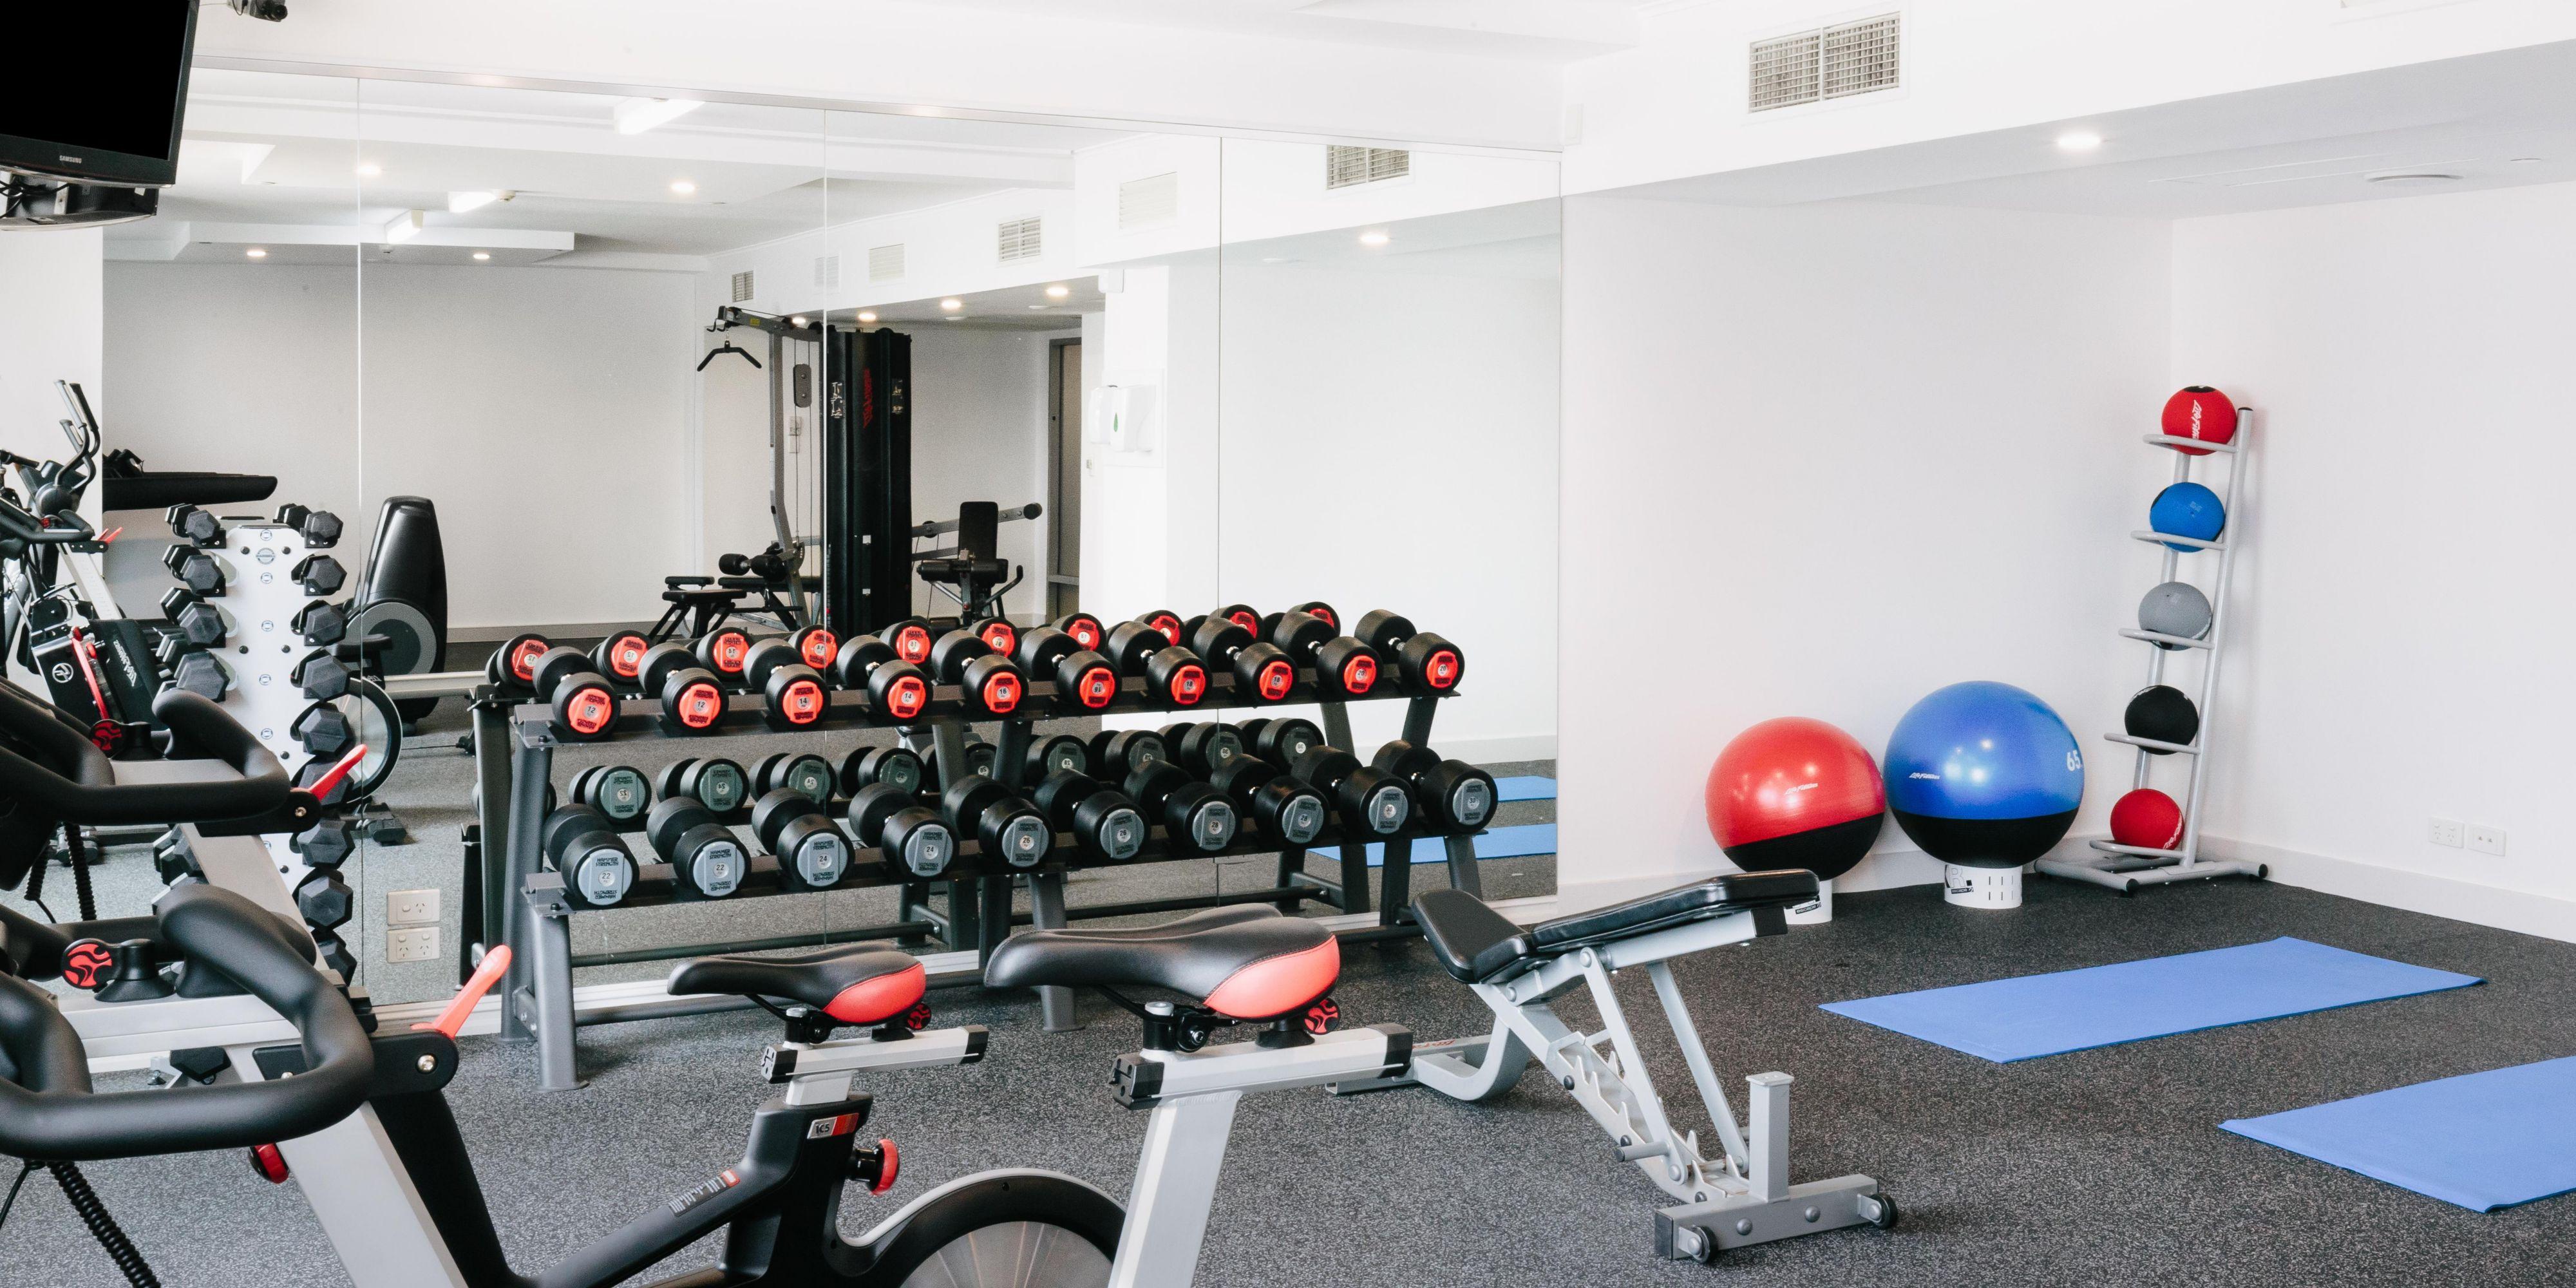 Fitness center on level 2